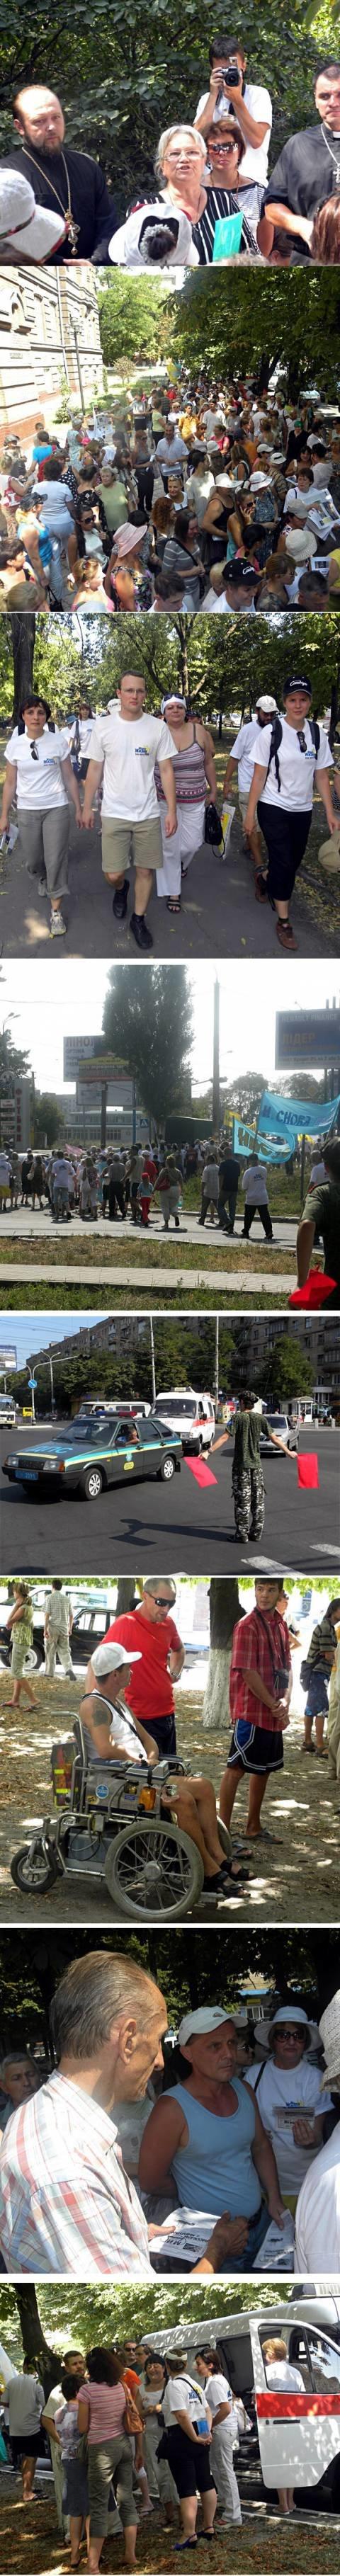 В Мариуполе участники «Марша жизни» прошли пешком более 3 километров ради примирения (ФОТО), фото-1